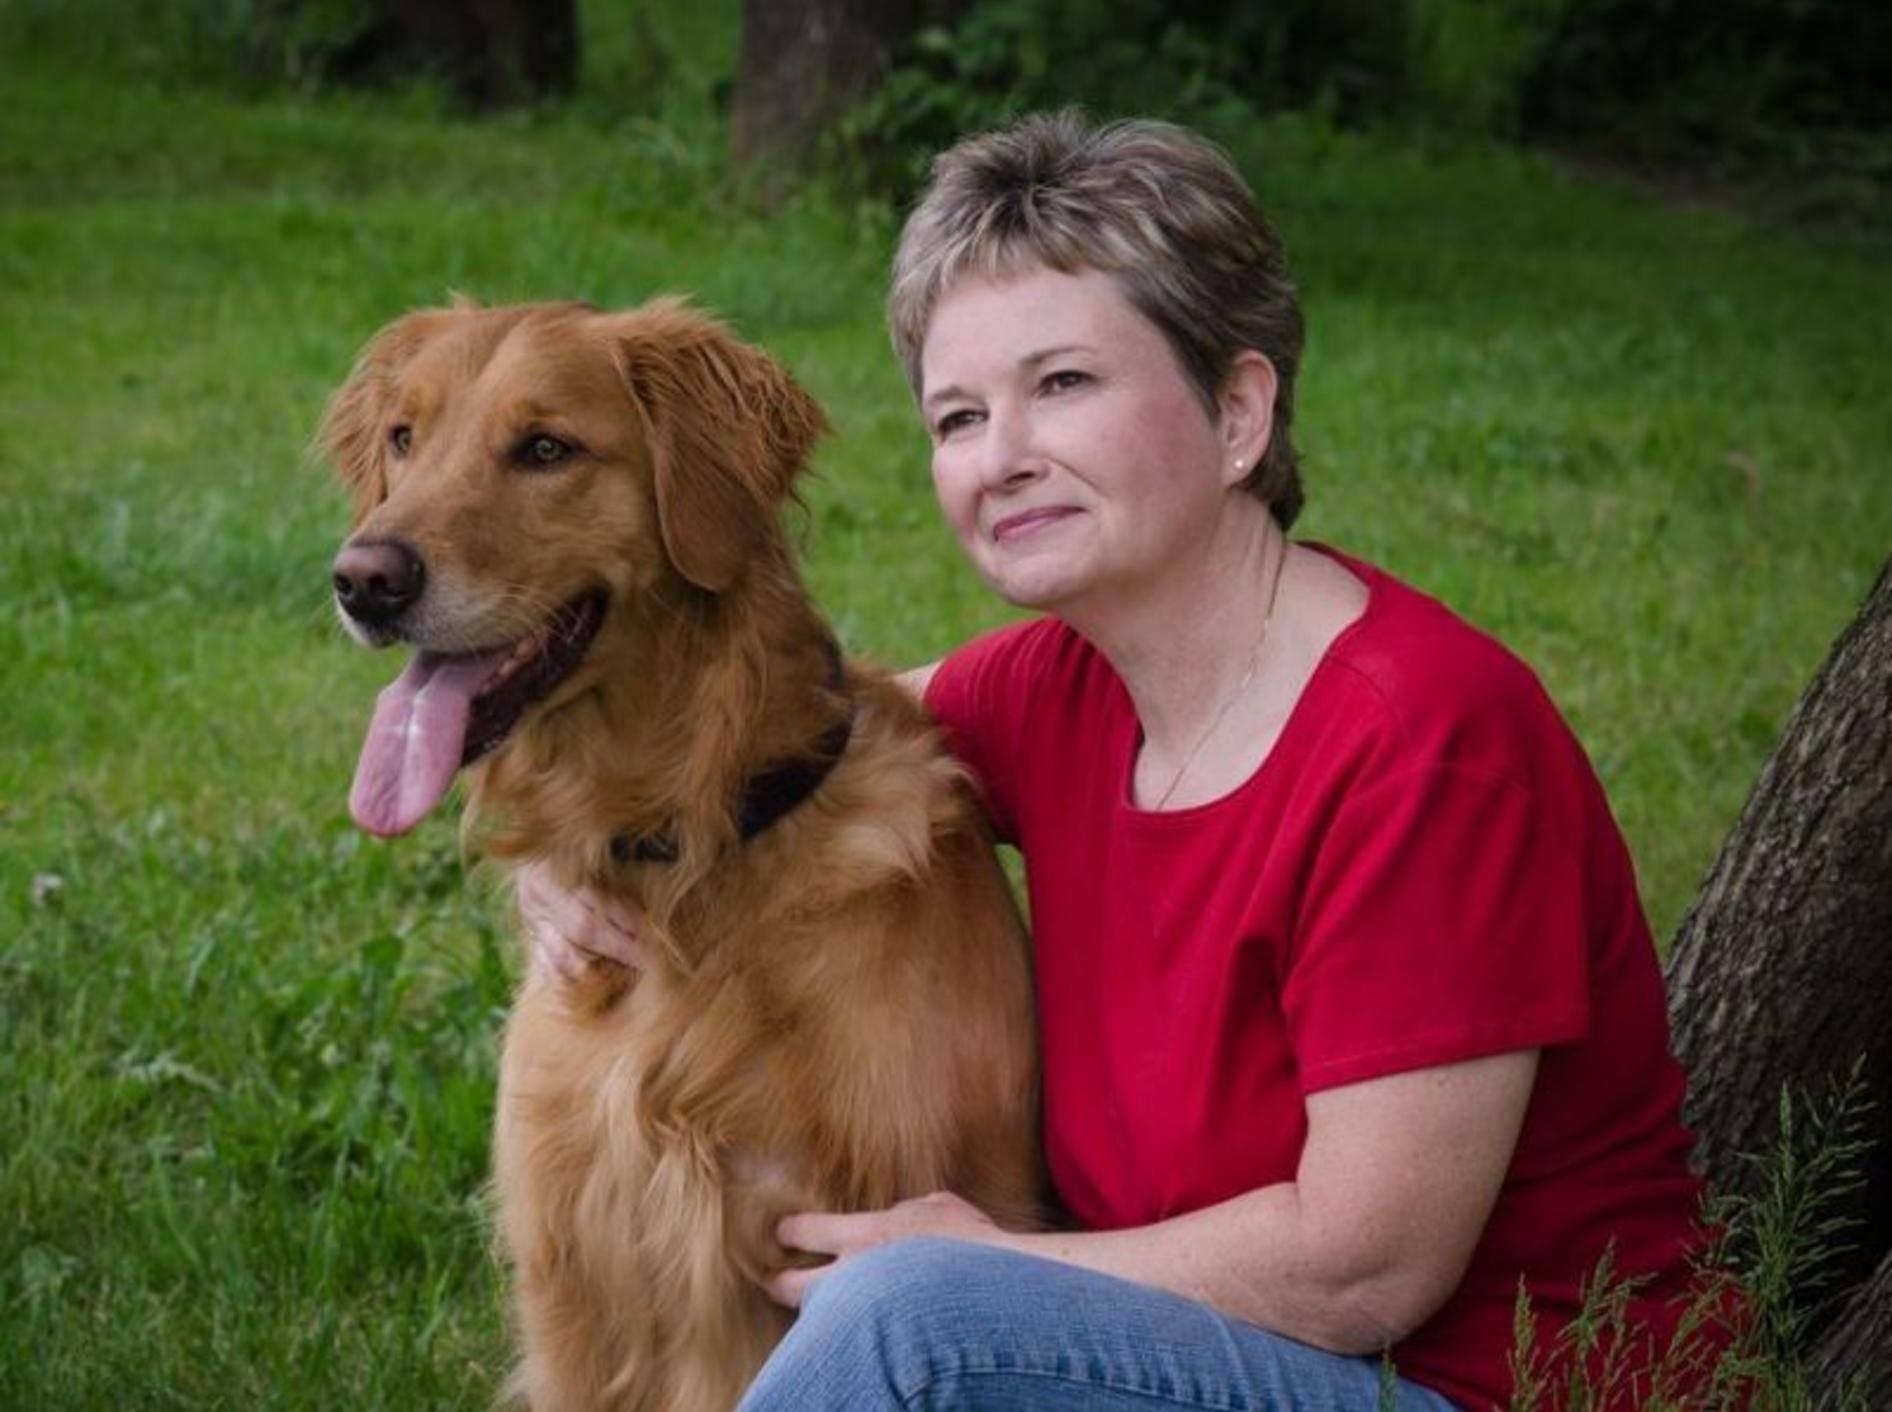 Frau mit Retriever Hund auf der Wiese